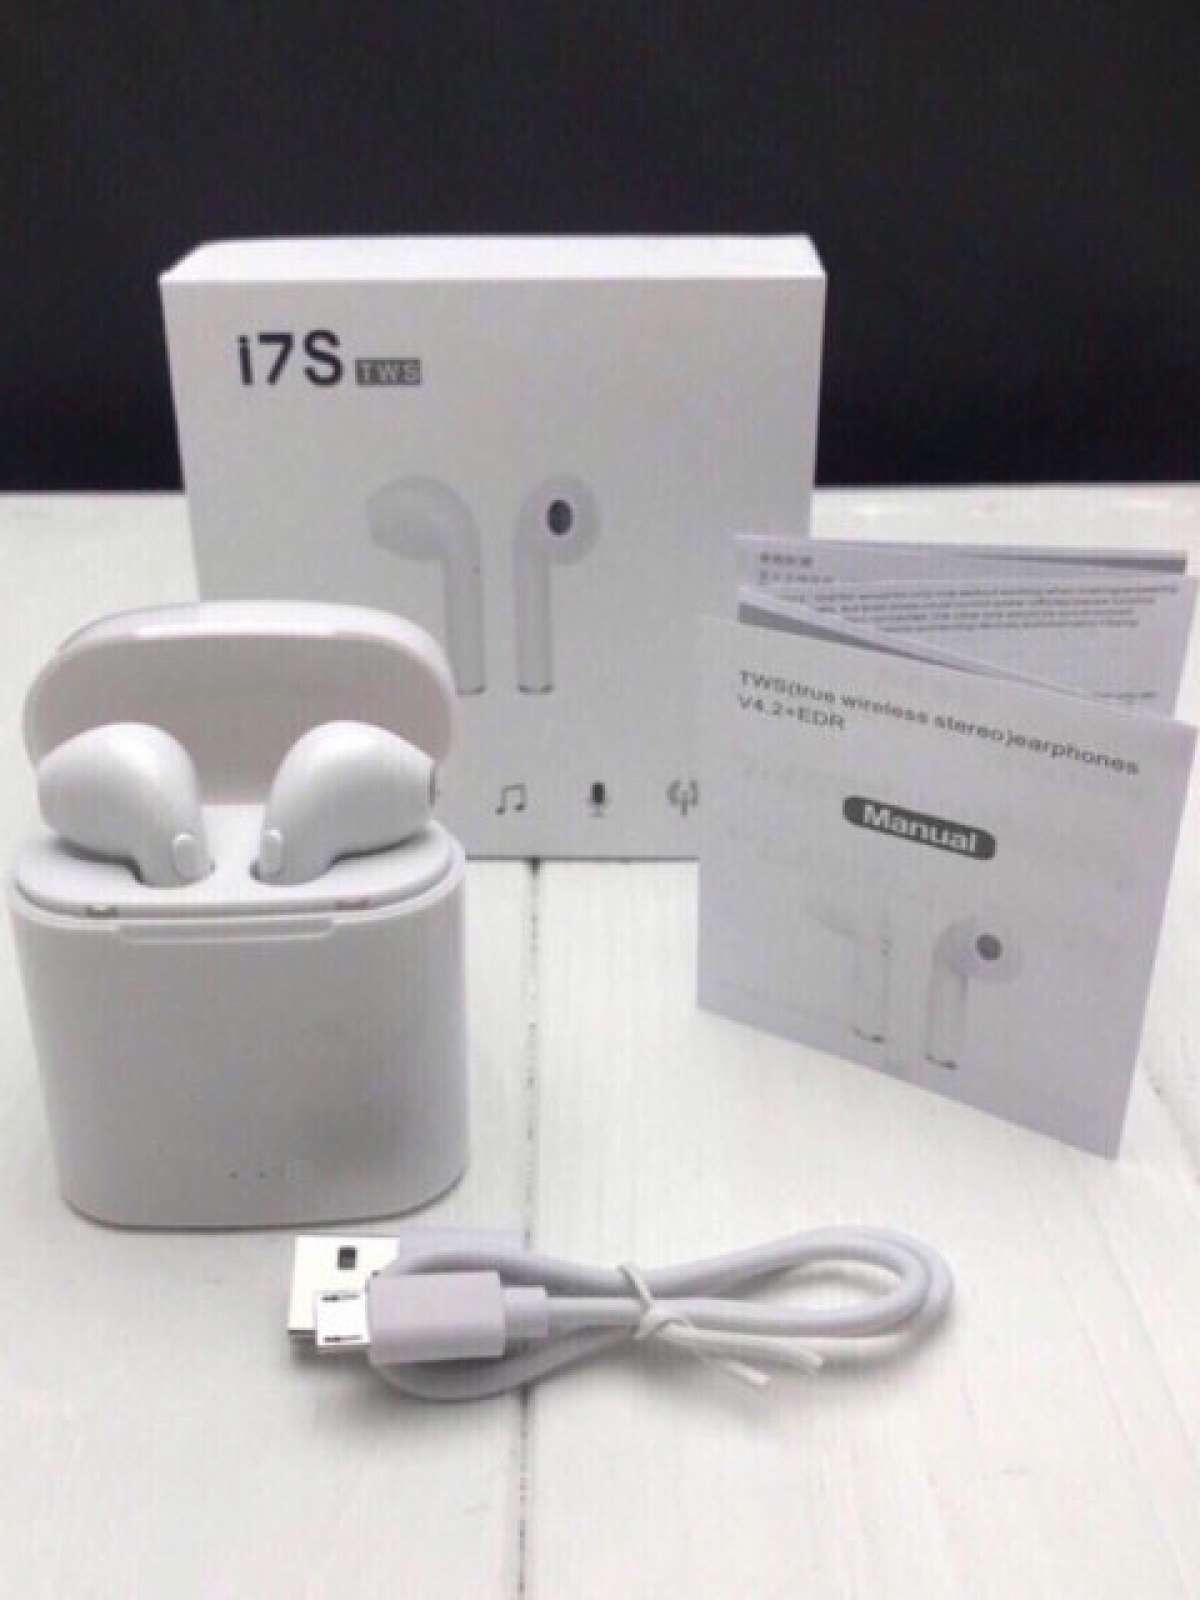 Беспроводные наушники I7s TWS Bluetooth с кейсом аналог реплика Airpod